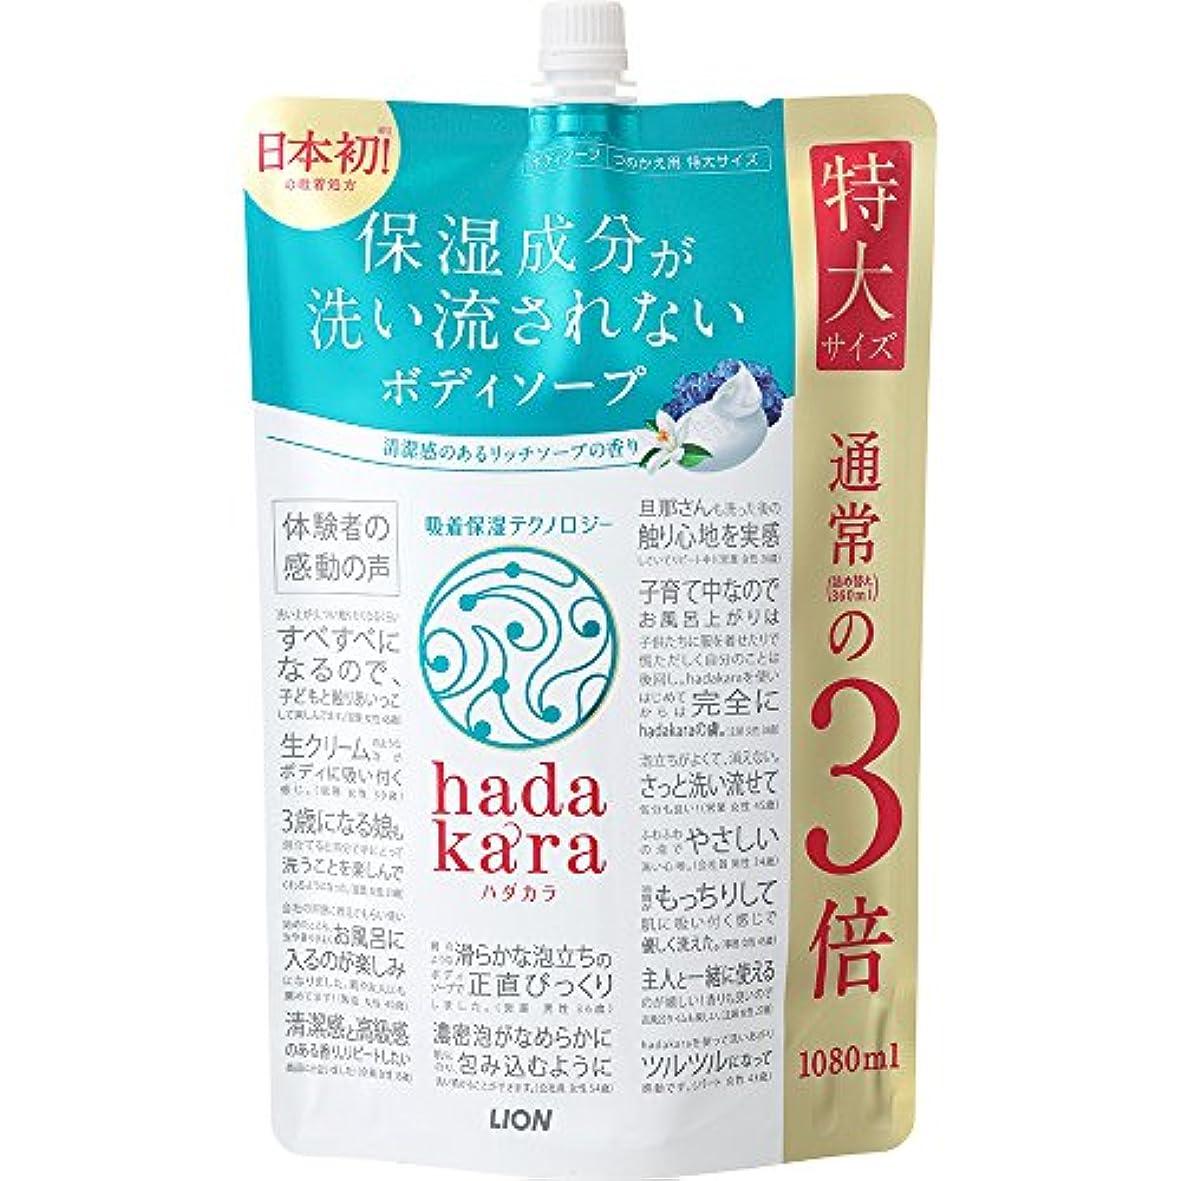 暖かさアデレード飲食店【大容量】hadakara(ハダカラ) ボディソープ リッチソープの香り 詰め替え 特大 1080ml